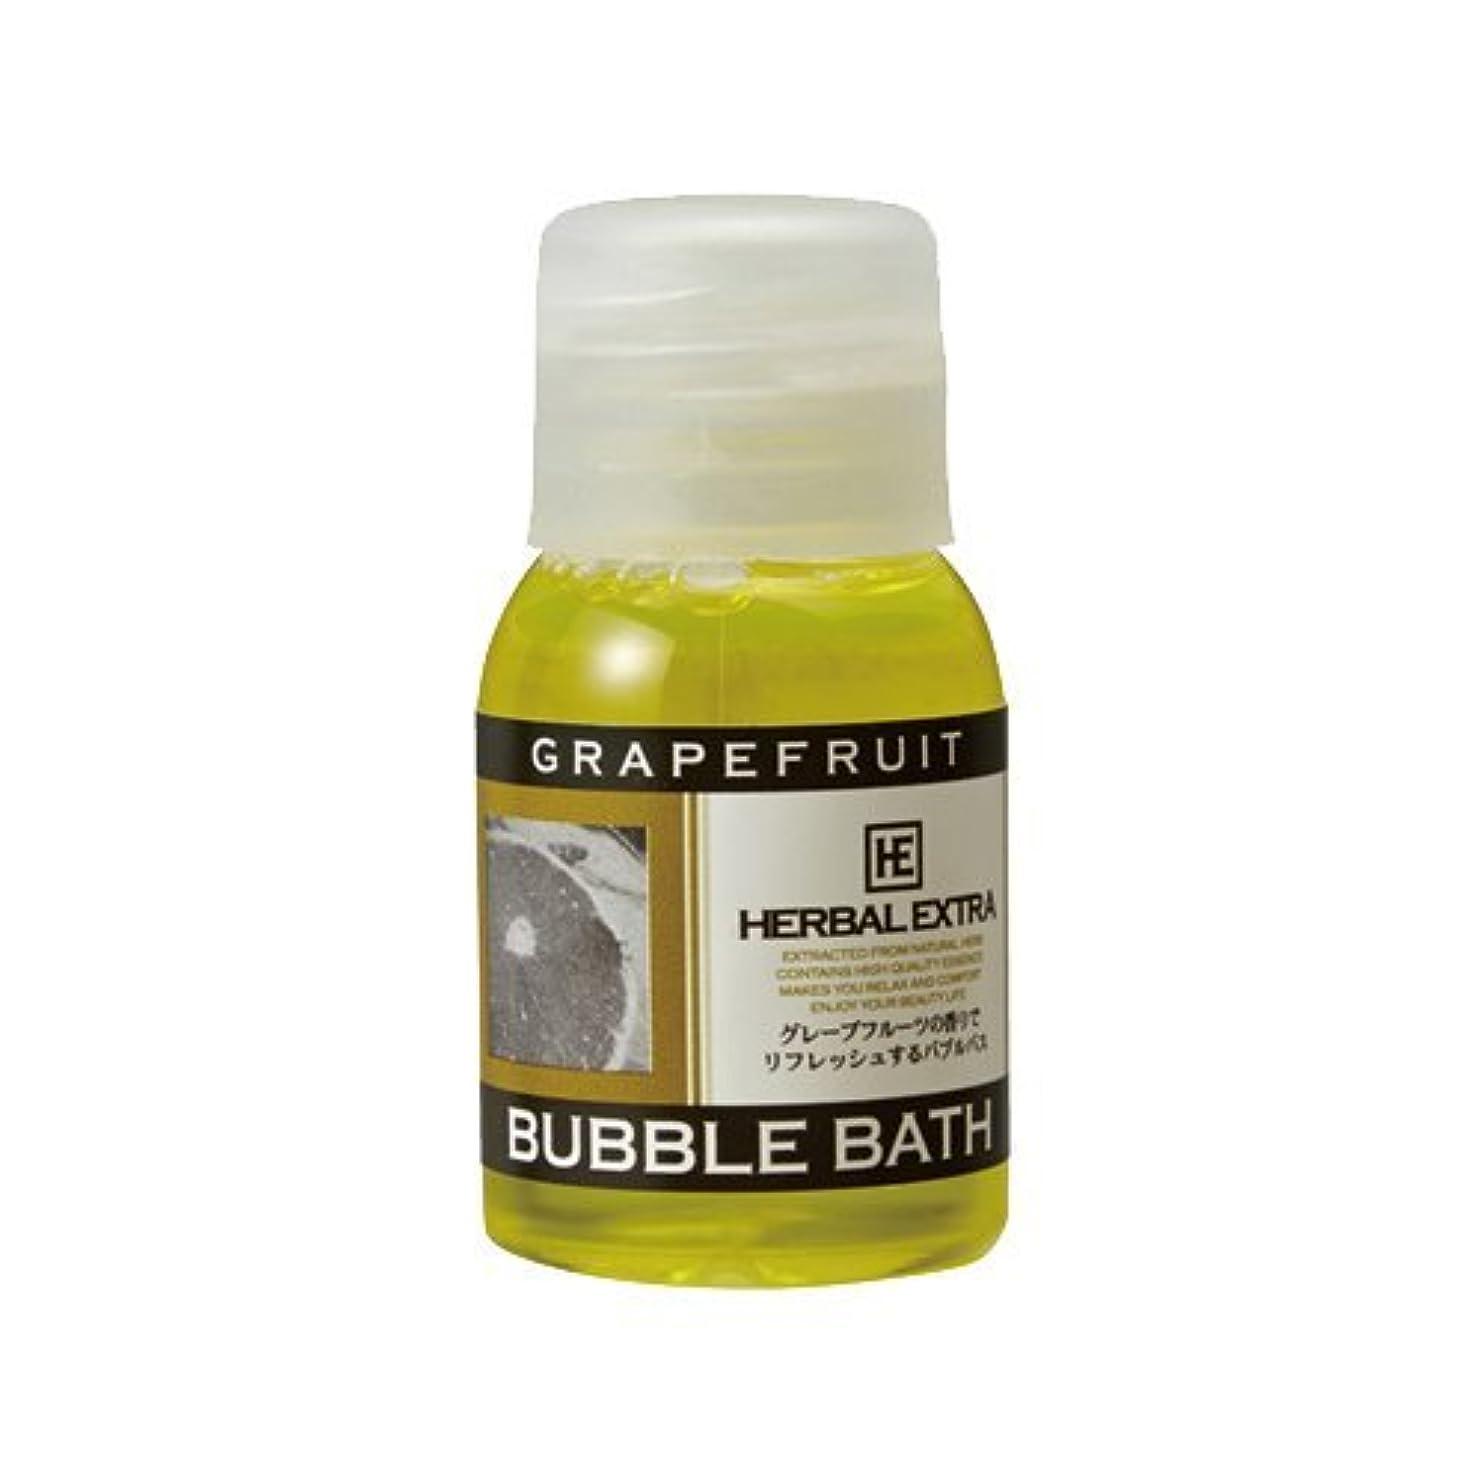 リンス余計な遺体安置所ハーバルエクストラ バブルバス ミニボトル グレープフルーツの香り × 5個セット - ホテルアメニティ 業務用 発泡入浴剤 (BUBBLE BATH)